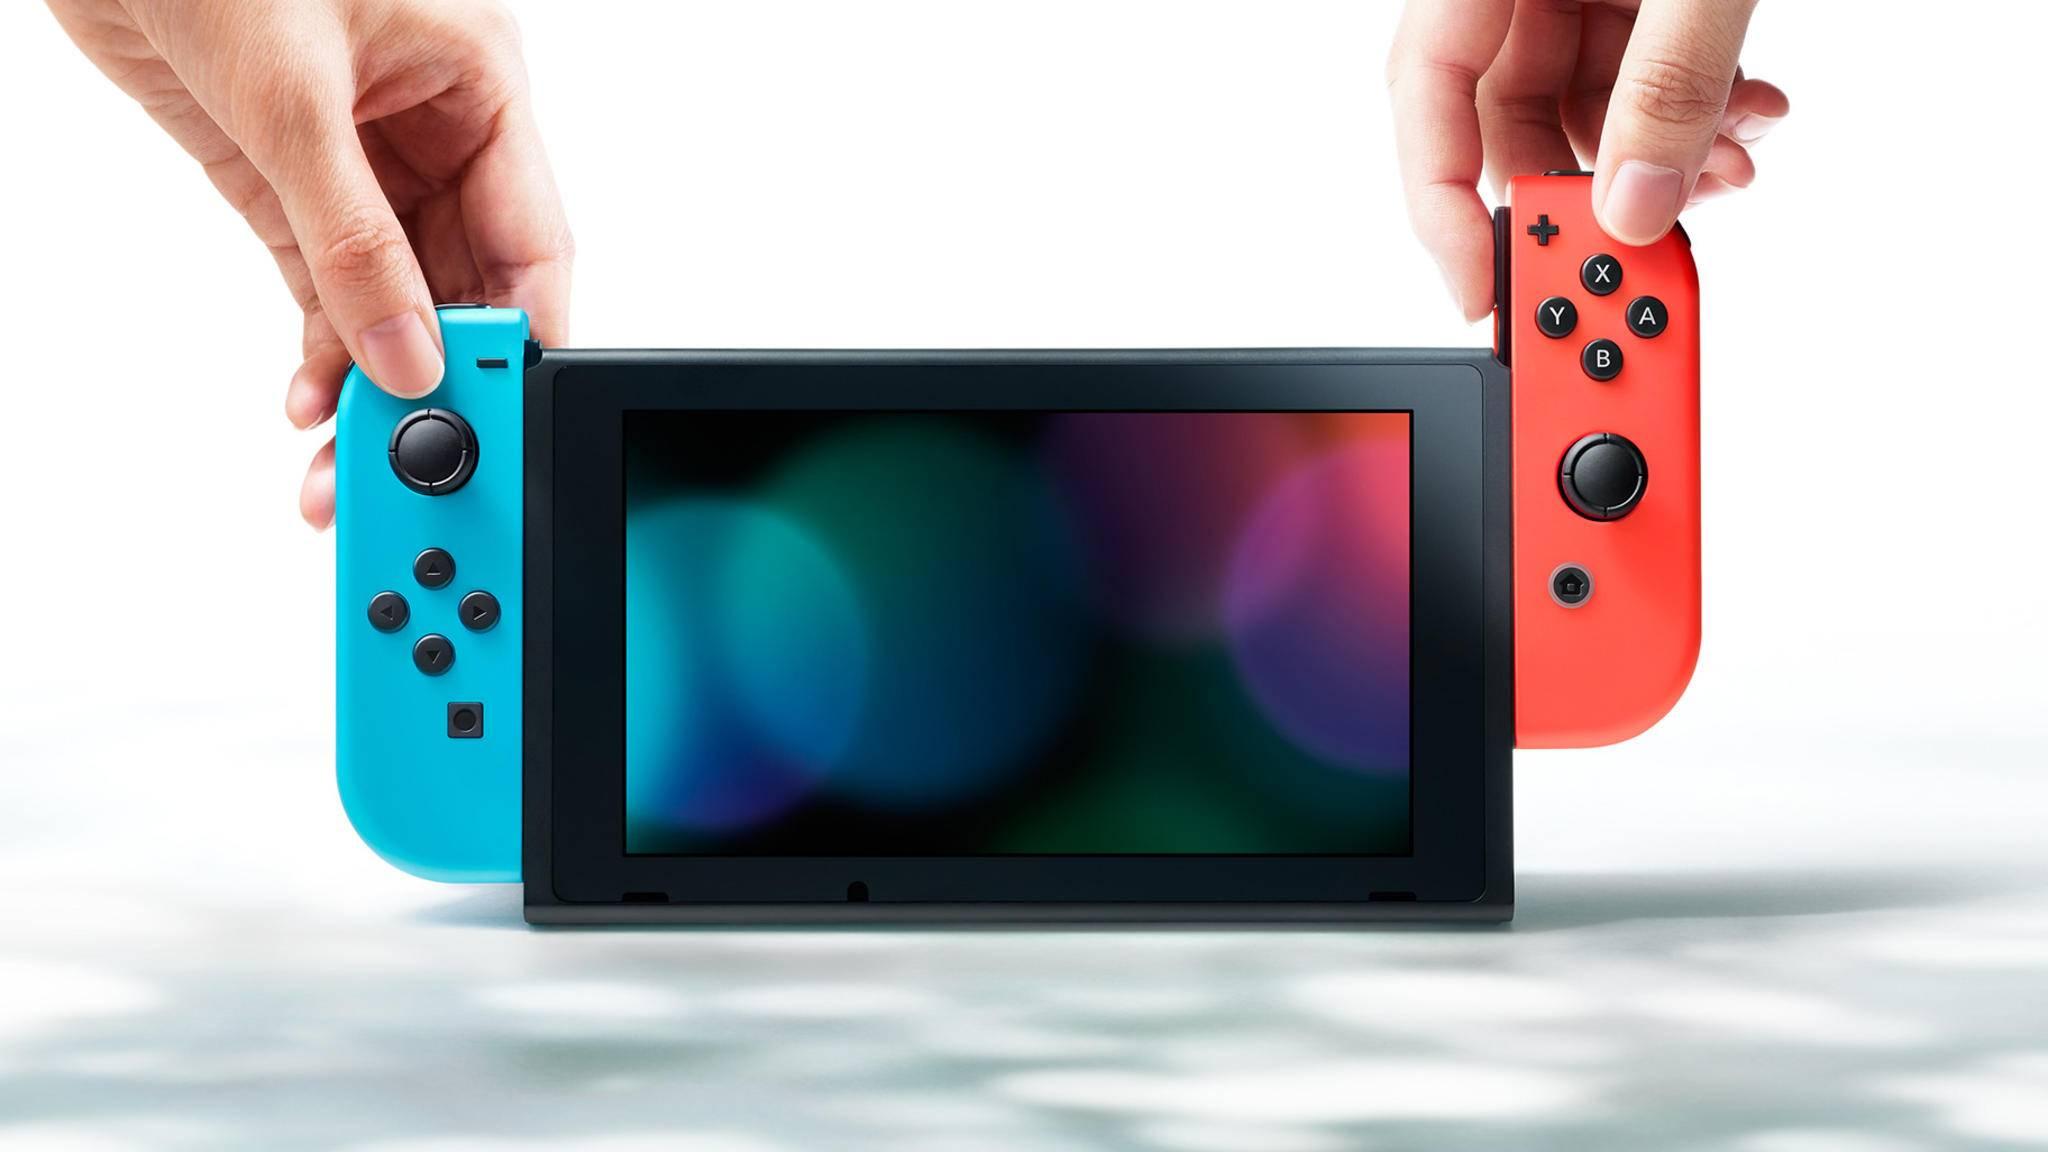 Nintendo Switch Online startet im September mit insgesamt 20 NES-Klassikern im Gepäck.